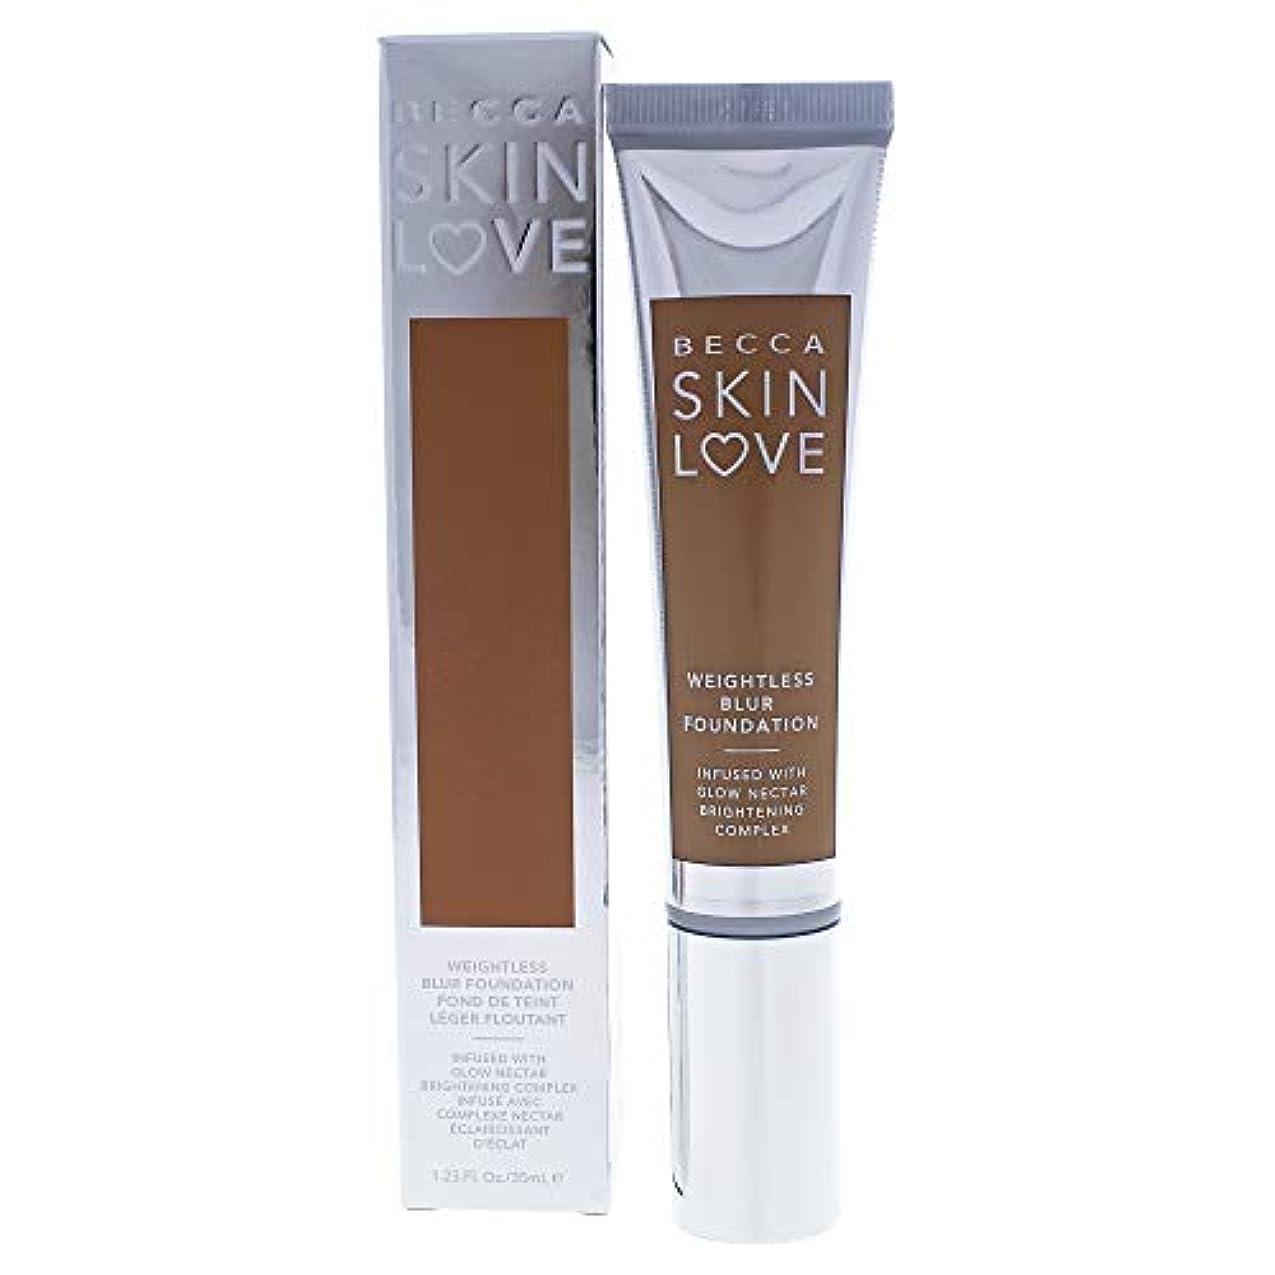 社会科道を作る輸送ベッカ Skin Love Weightless Blur Foundation - # Tan 35ml/1.23oz並行輸入品